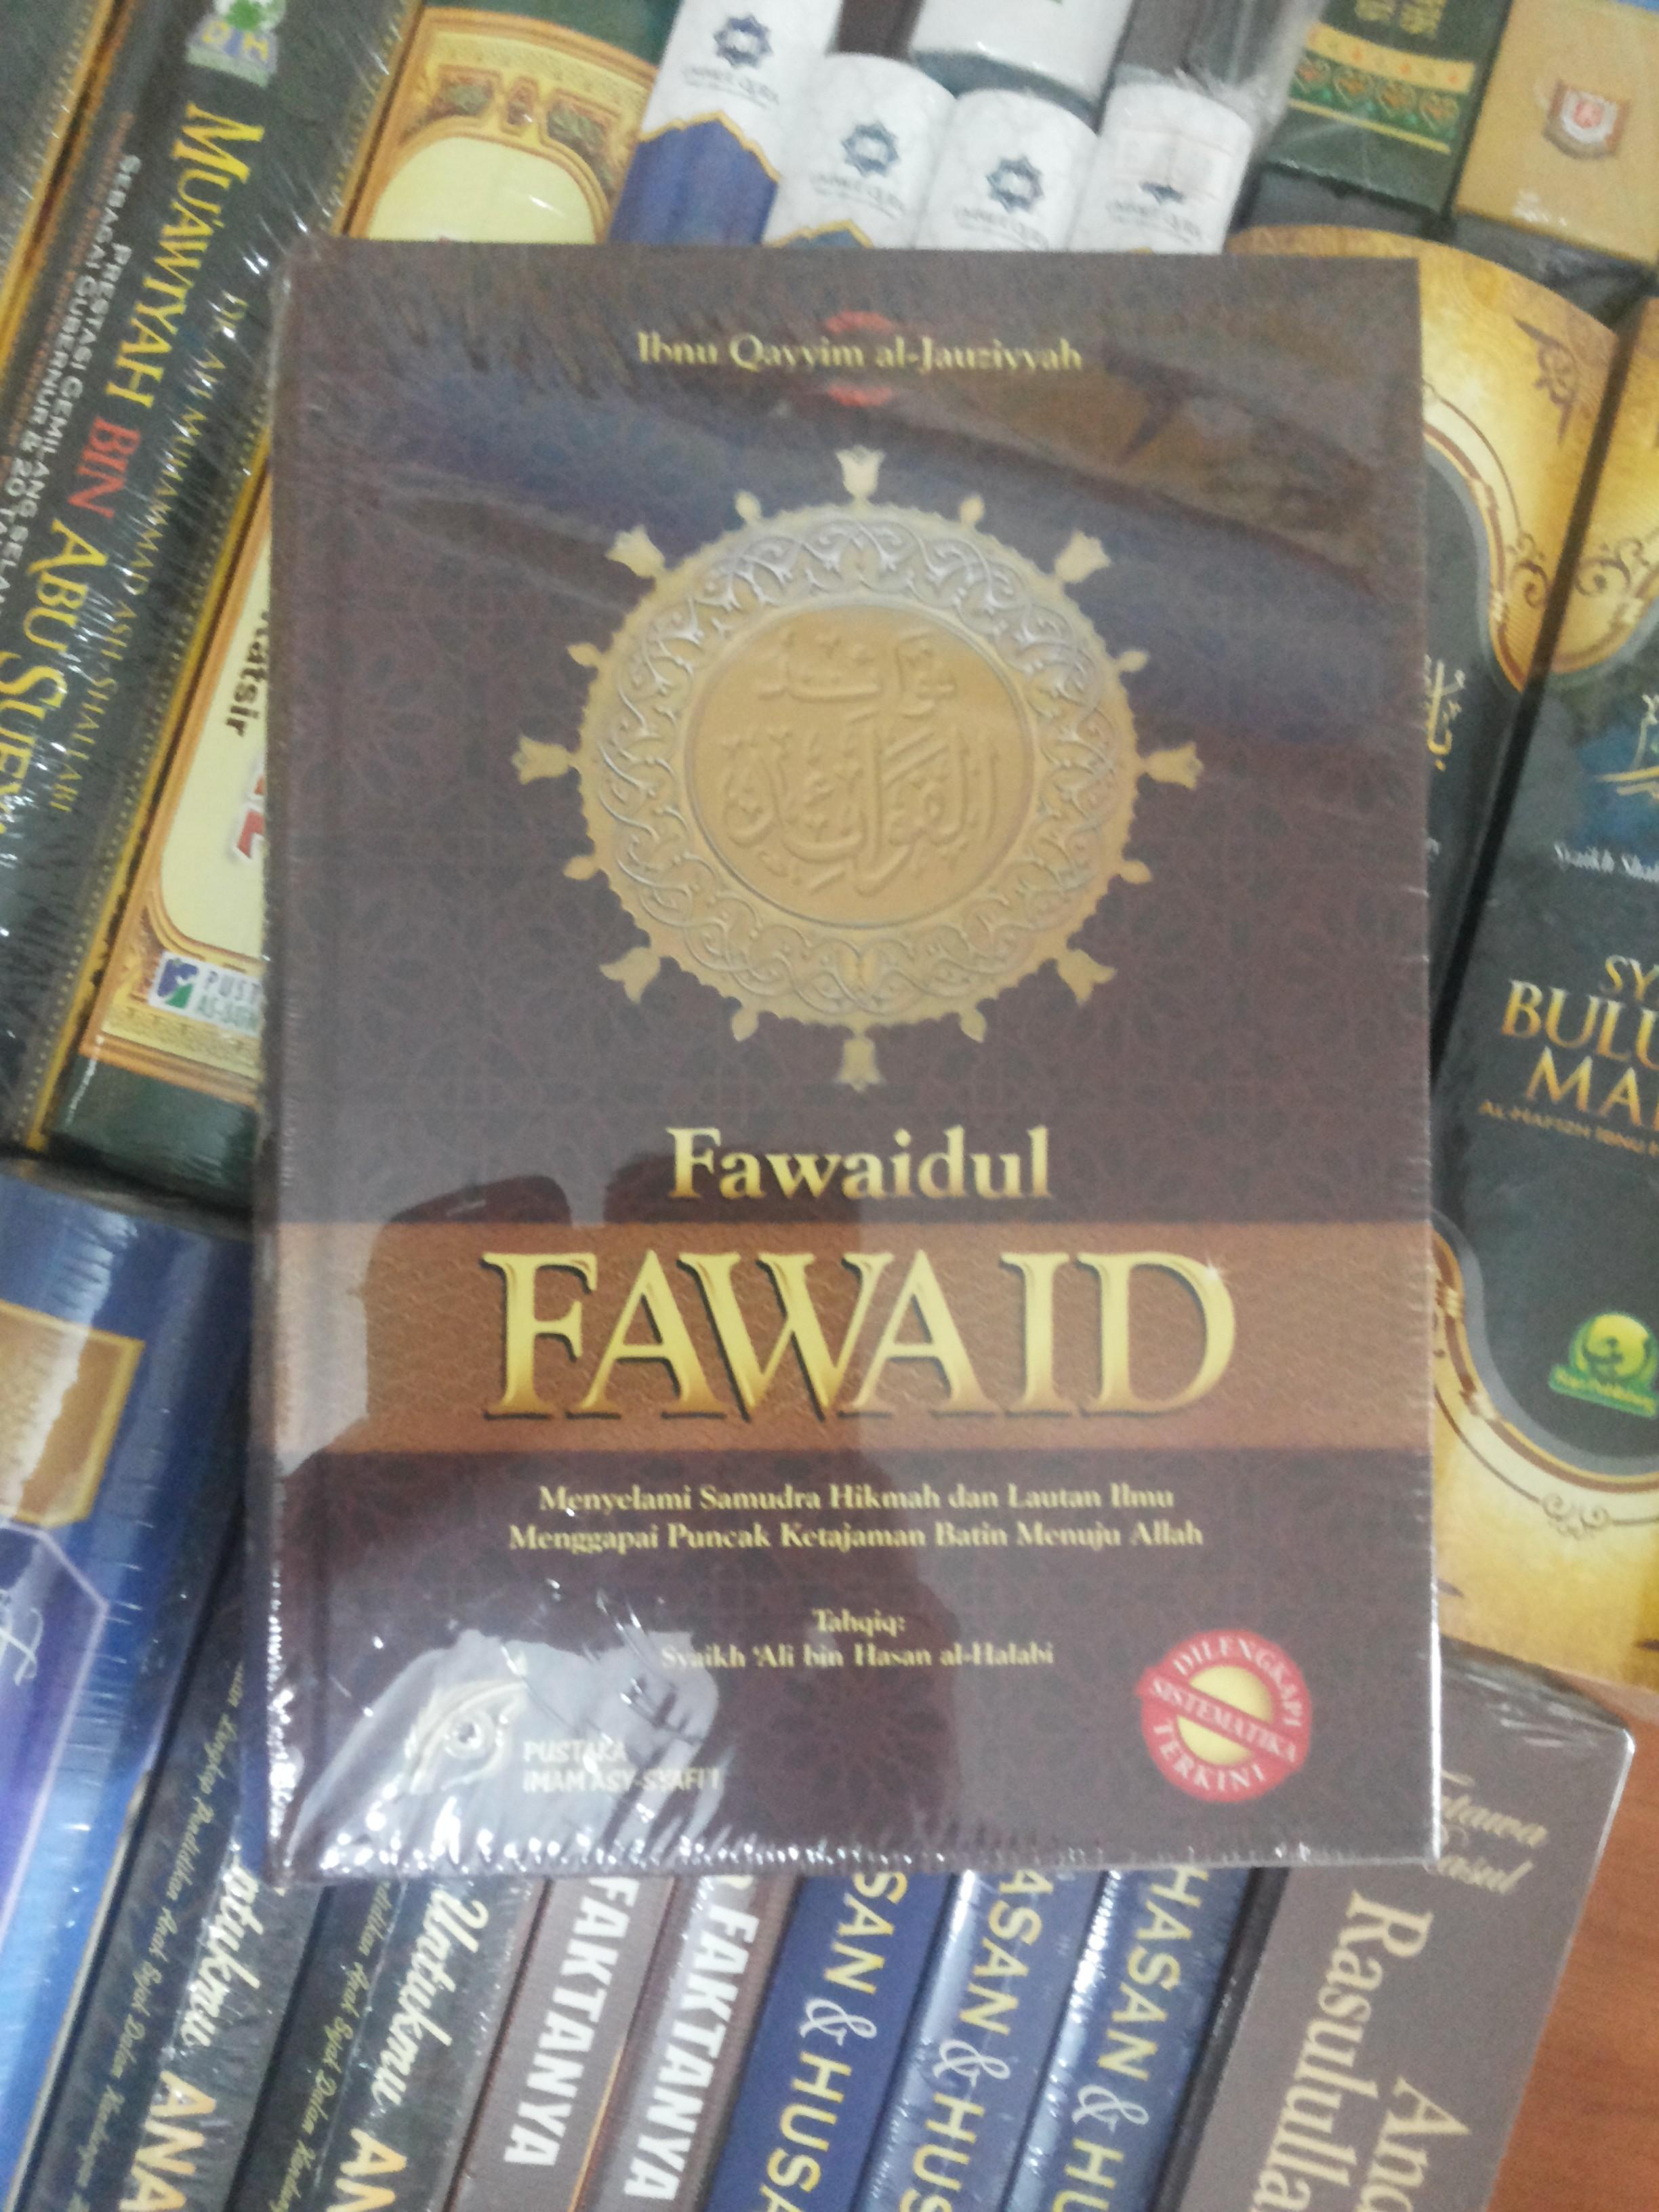 fawaid